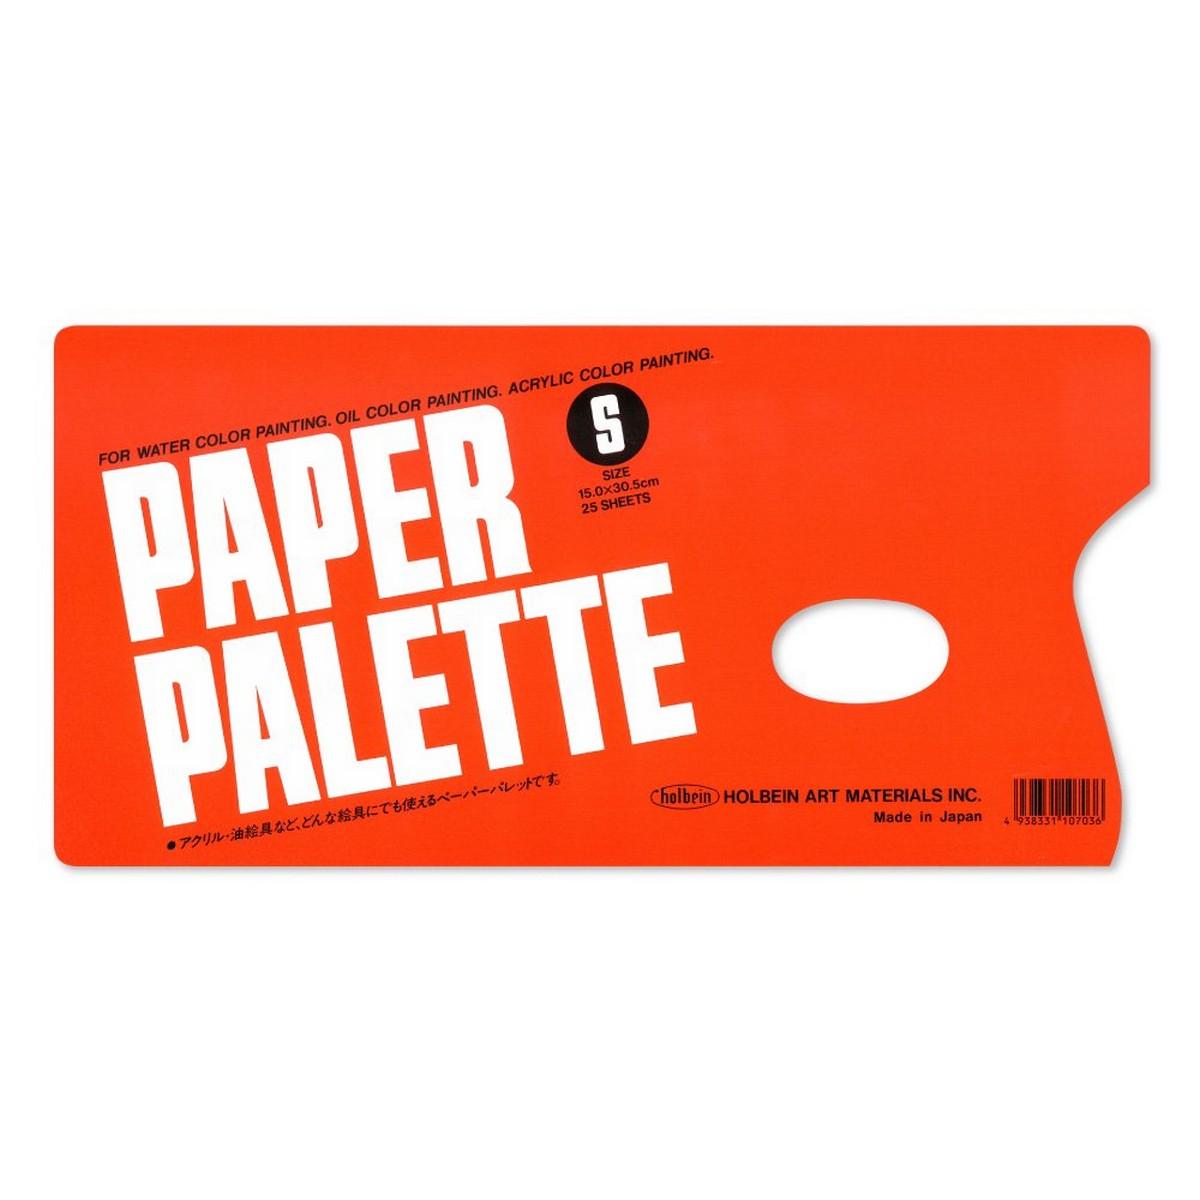 シリコン加工した紙のパレット ホルベイン ペーパーパレット S 121263 絵の具 パレット 店内全品対象 紙パレット 油絵 絵具 ホルベイン画材 新入学 お祝い ギフト holbein 画材セット えのぐ 画材 プレゼント 初売り